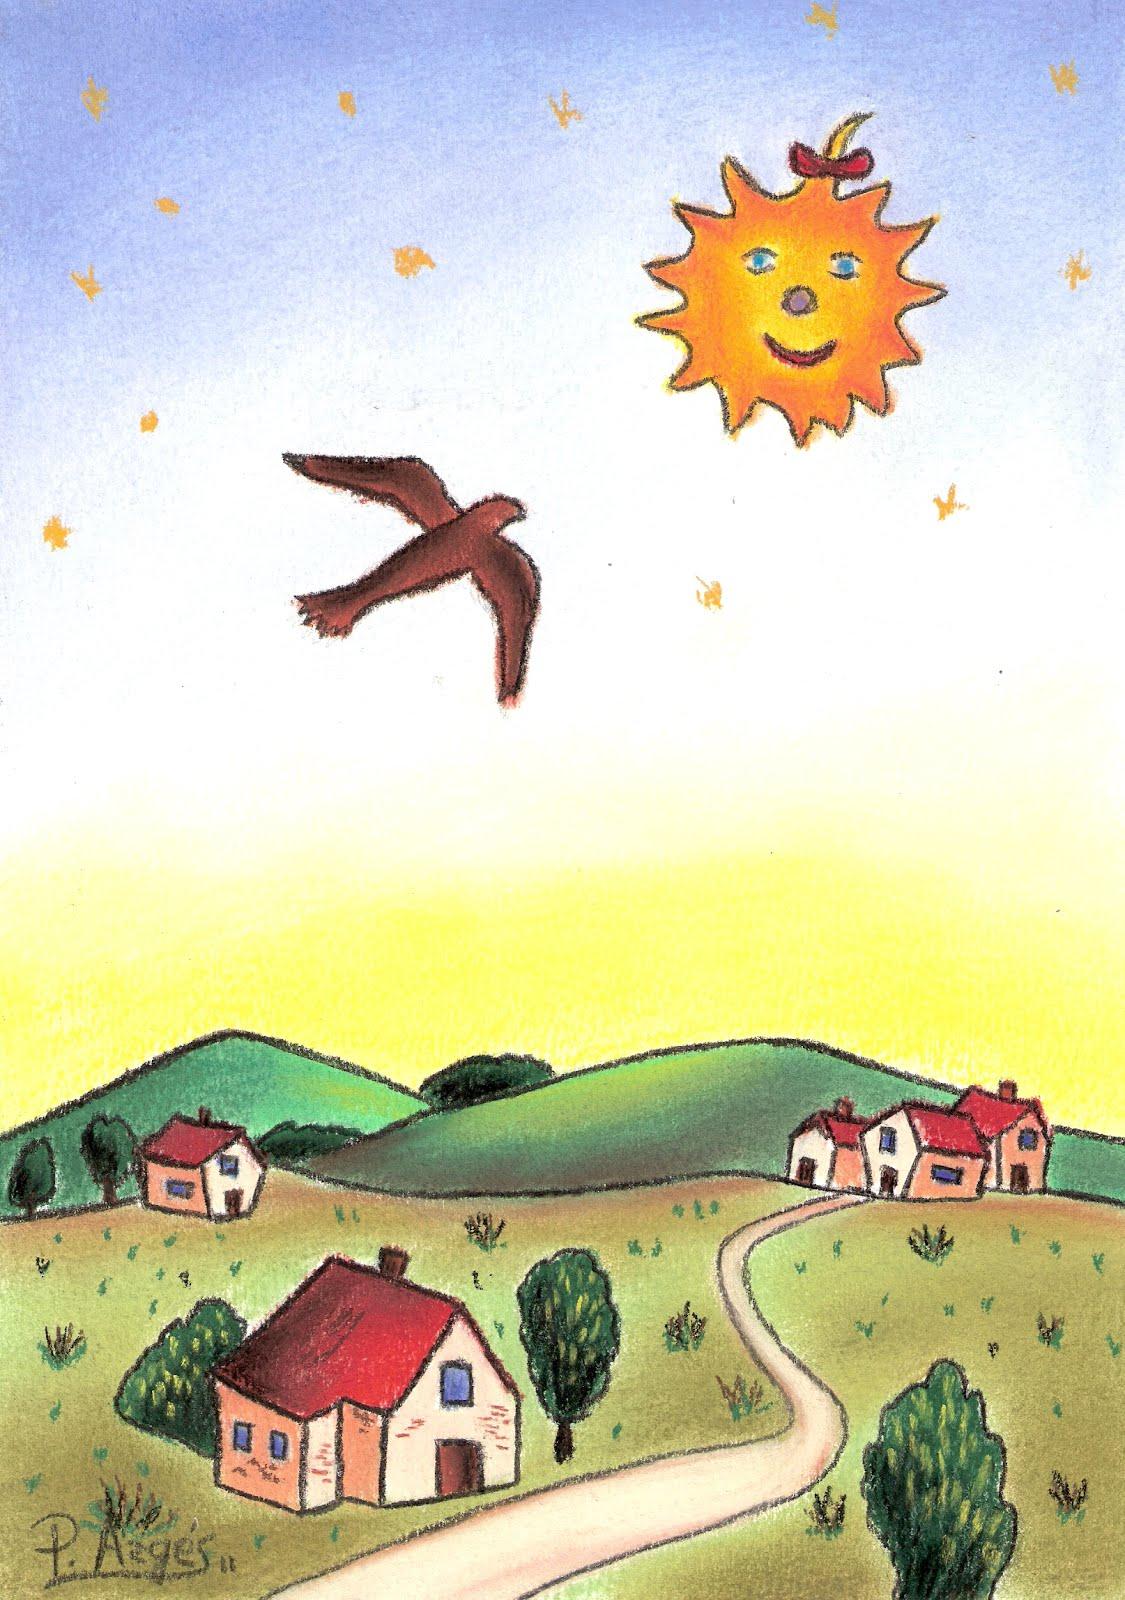 Ilustración de Pilar Argés